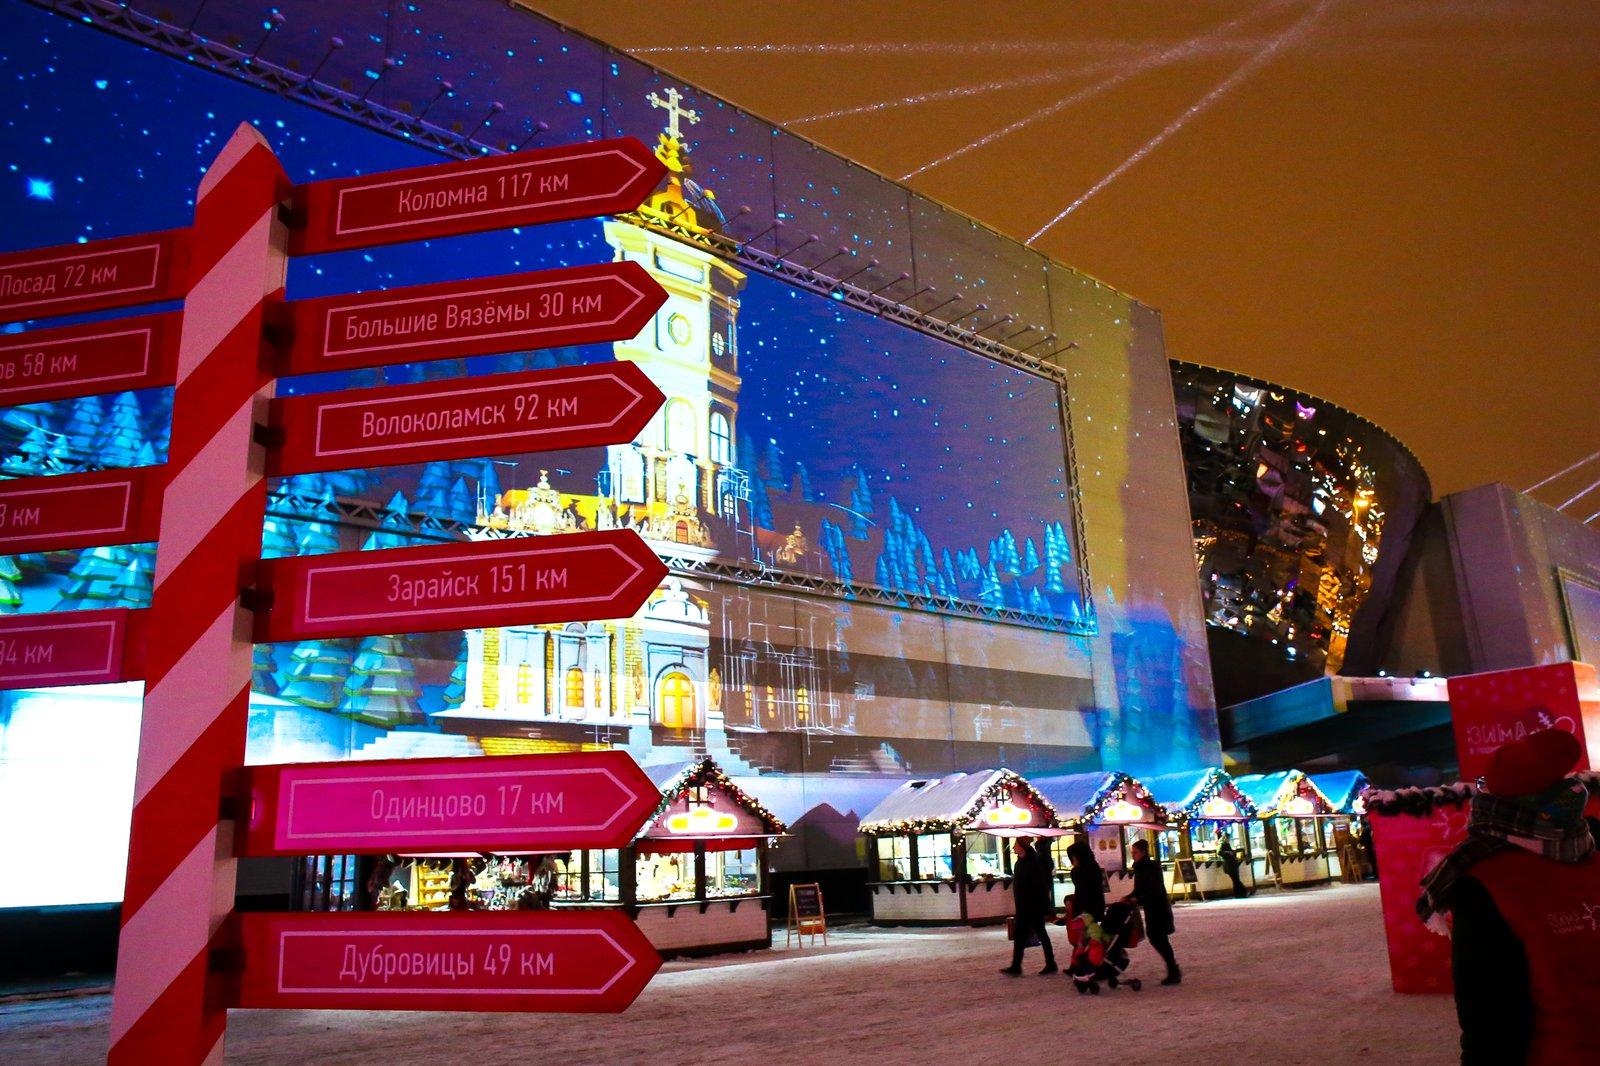 Андрей Воробьев губернатор московской области - Новогоднее настроение — на ярмарках Подмосковья